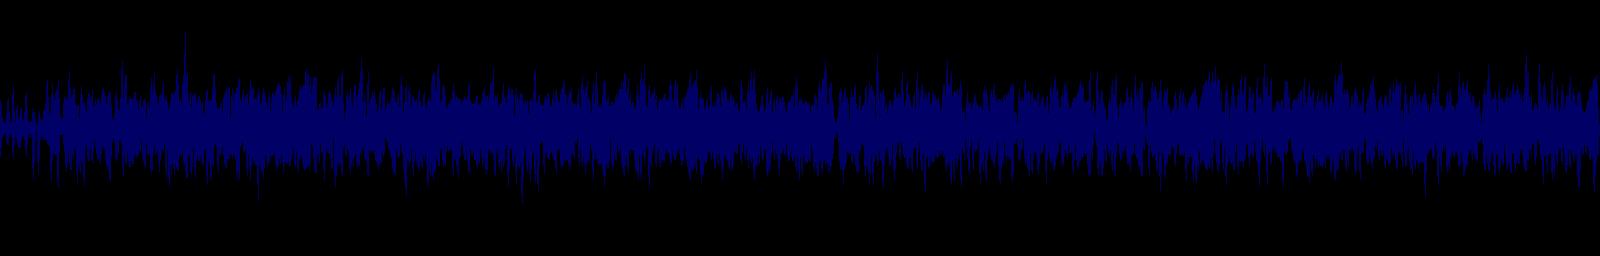 waveform of track #100467